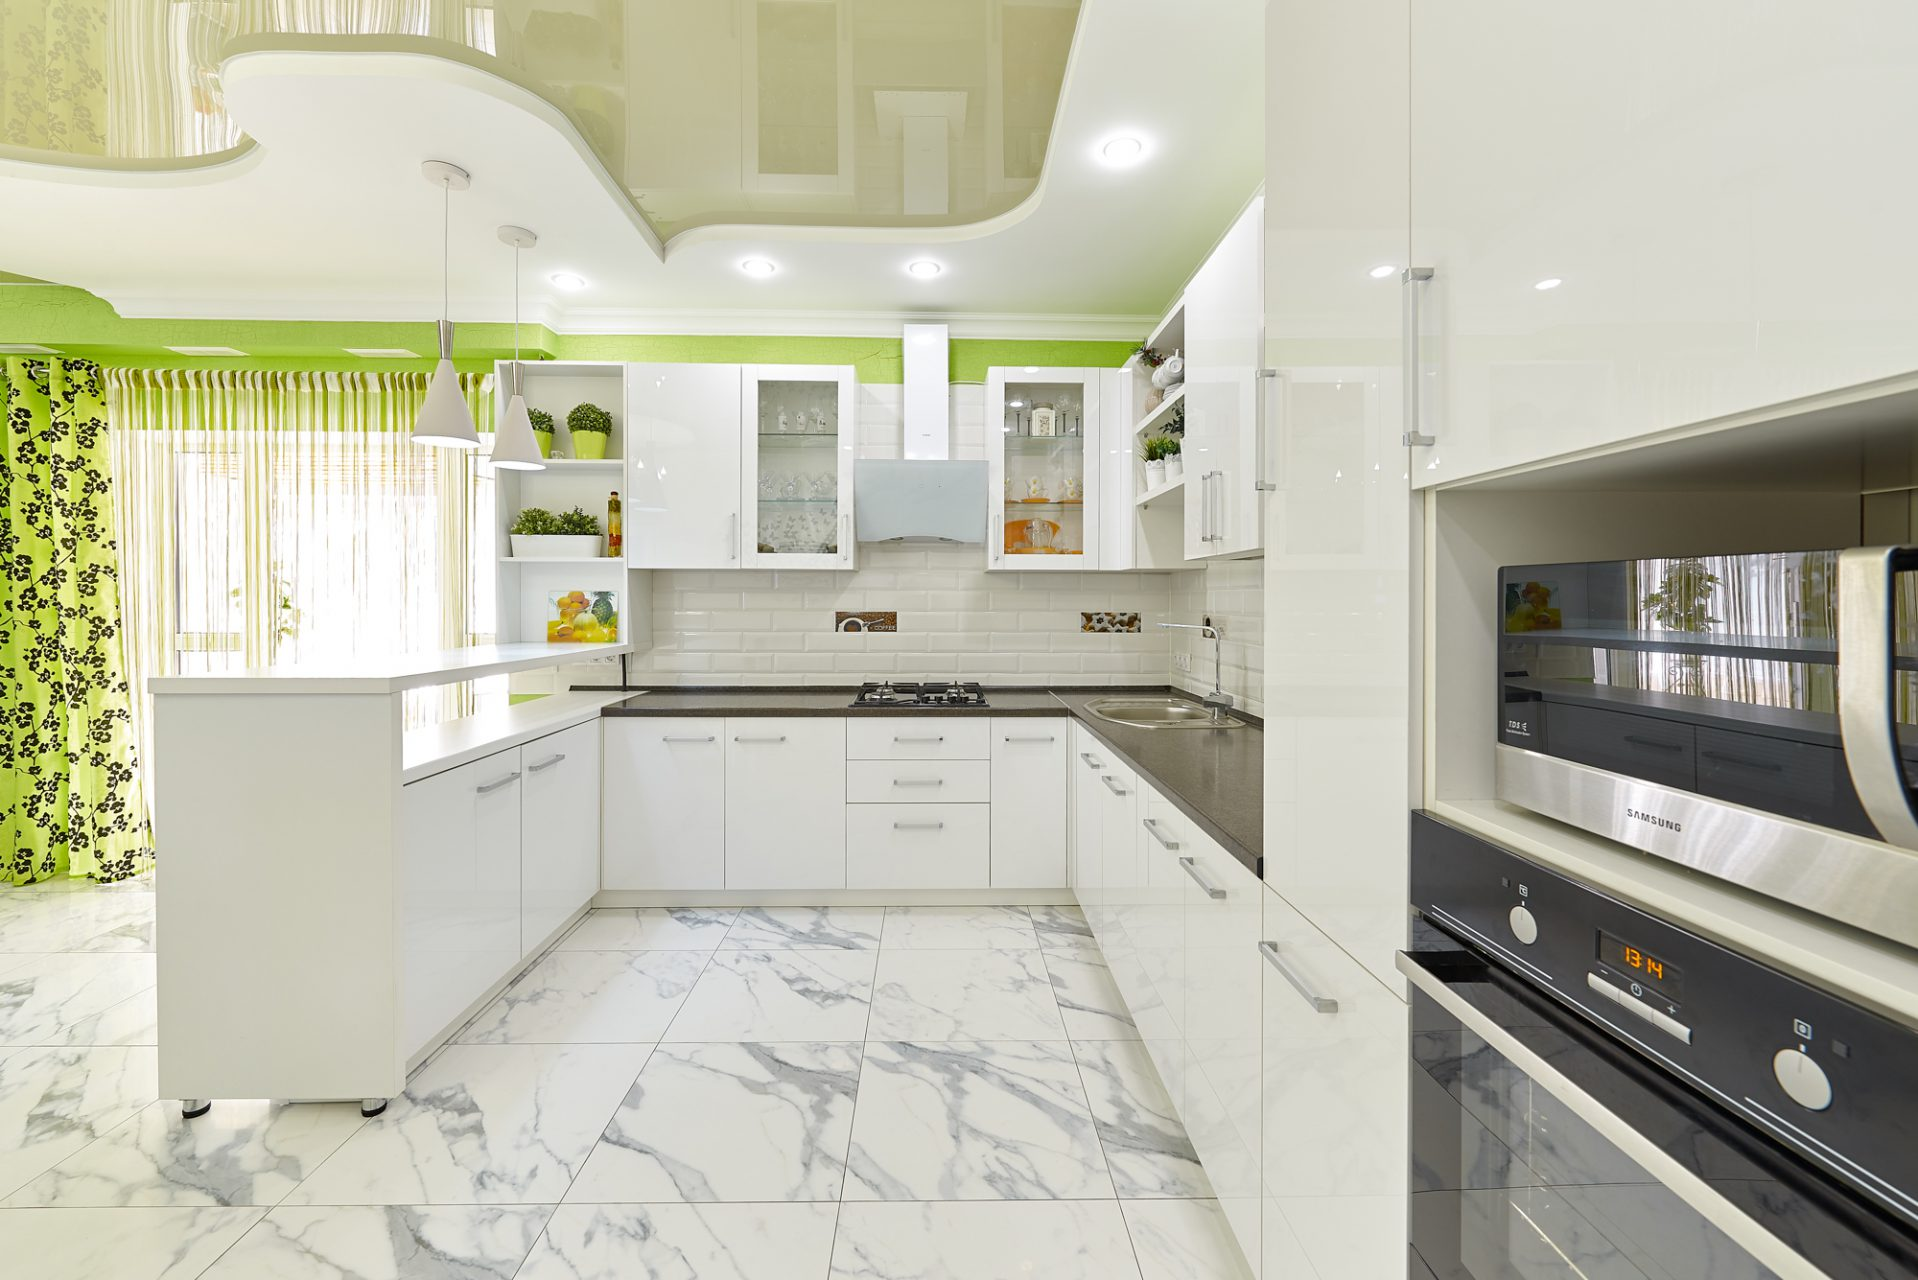 005_interior_kitchen1_korneychikeu